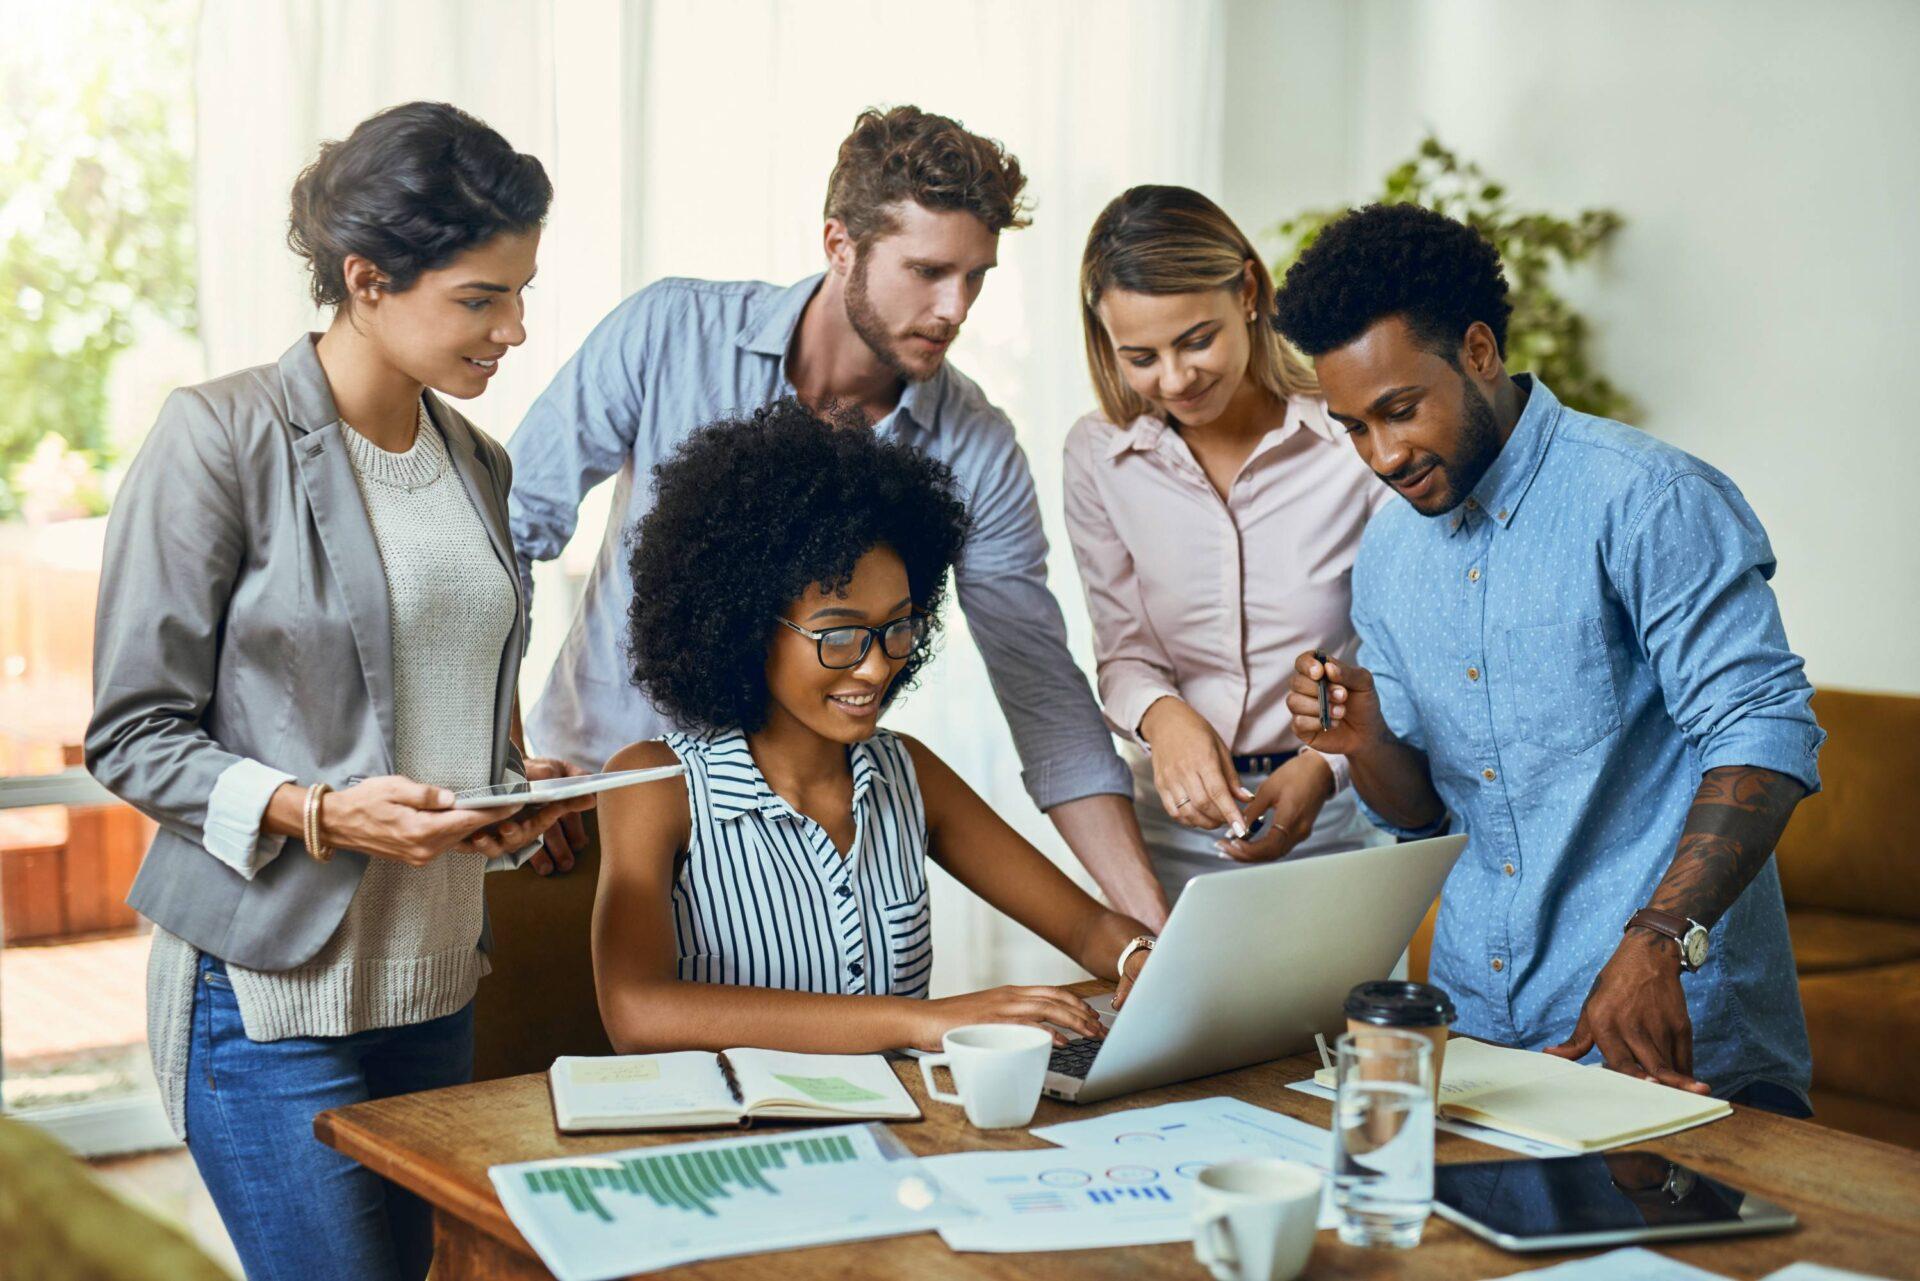 Pessoas olhando um computador ao redor de uma mesa